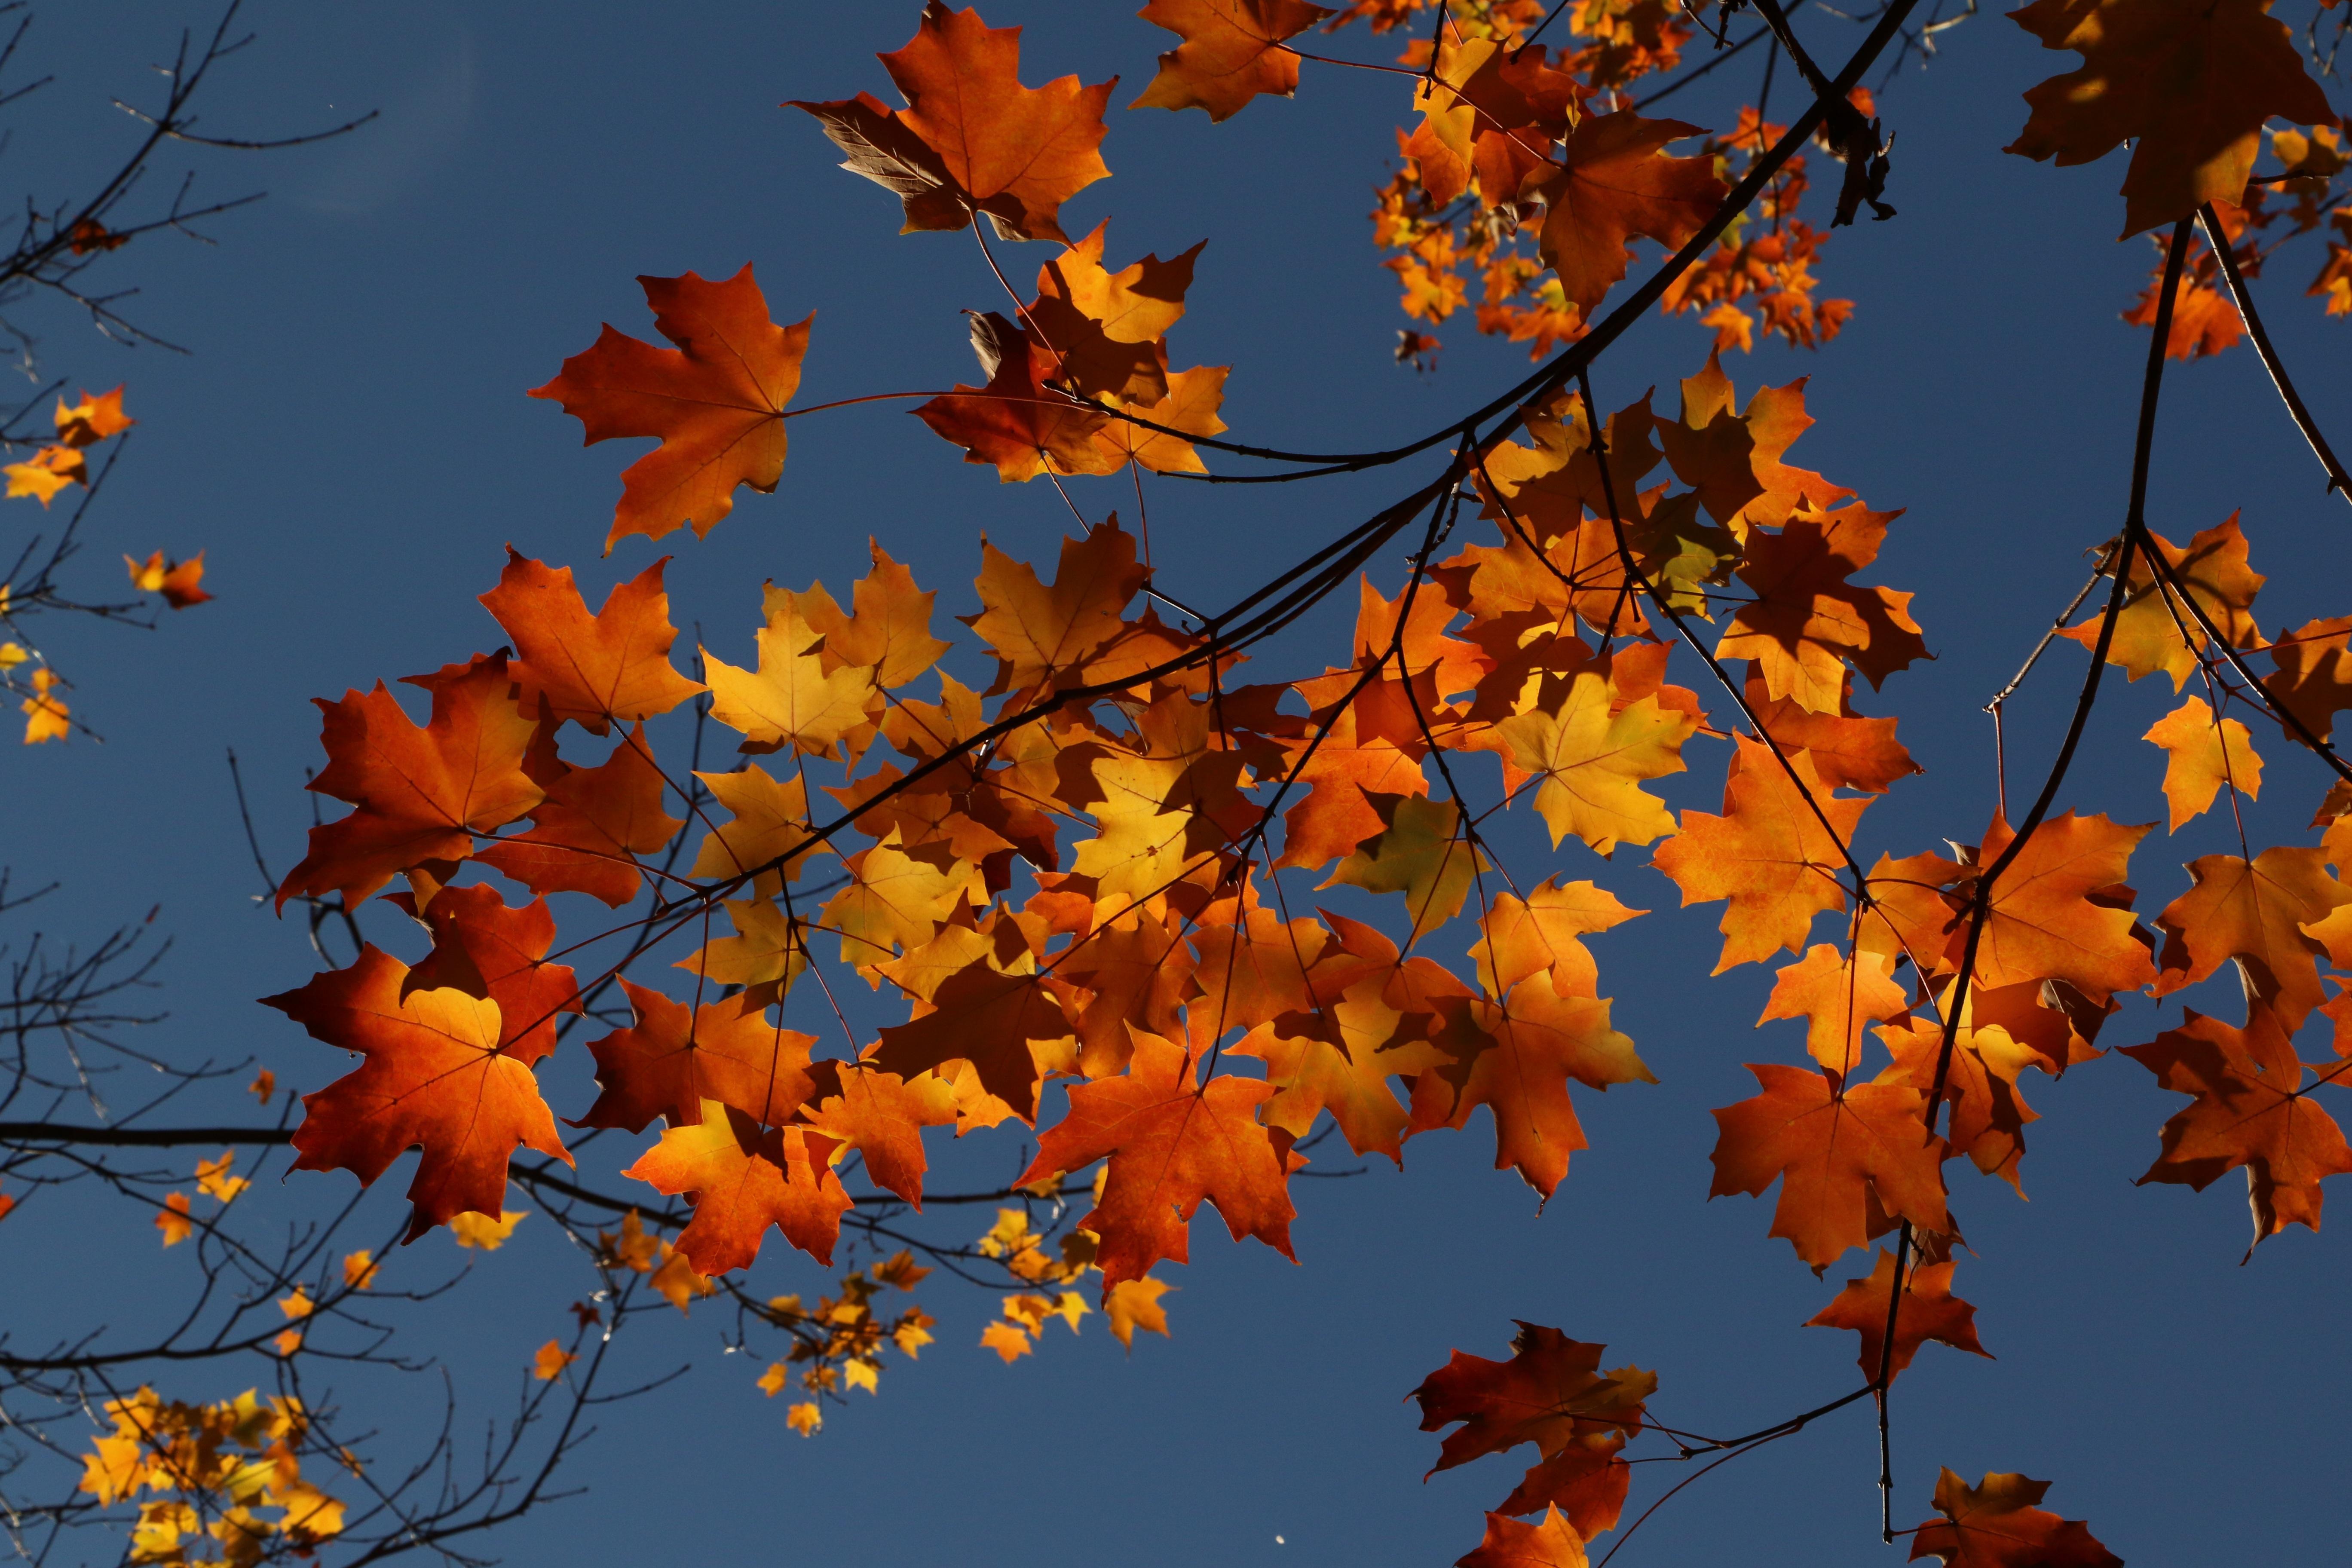 осенние листья и деревья фото сих